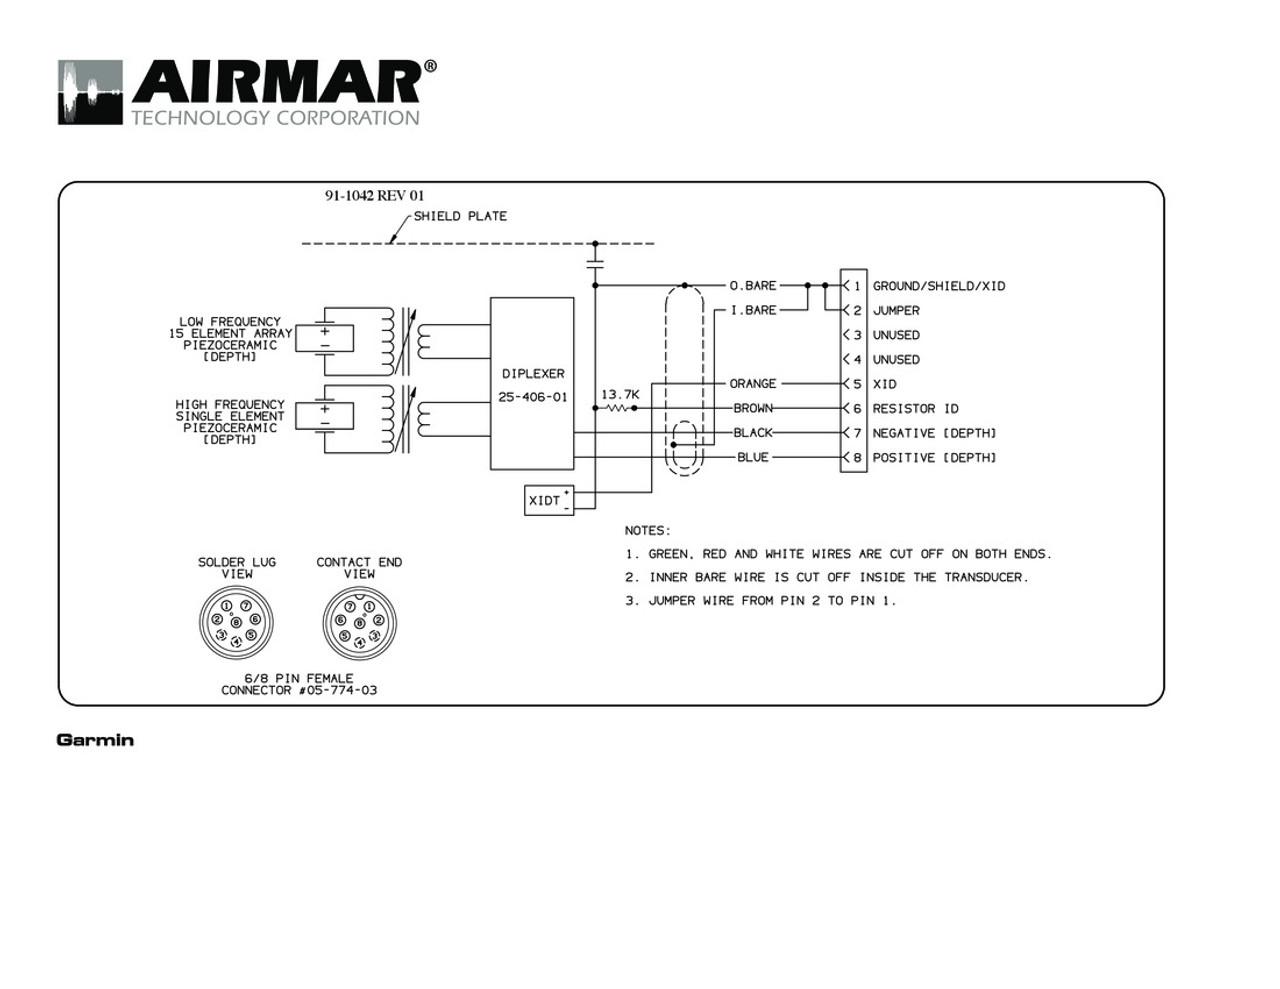 Airmar Wiring Diagram Garmin R199 8 Pin (d, T) Blue Bottle Marine 8 Pin  Connector Diagram Garmin 8 Pin Wiring Diagram